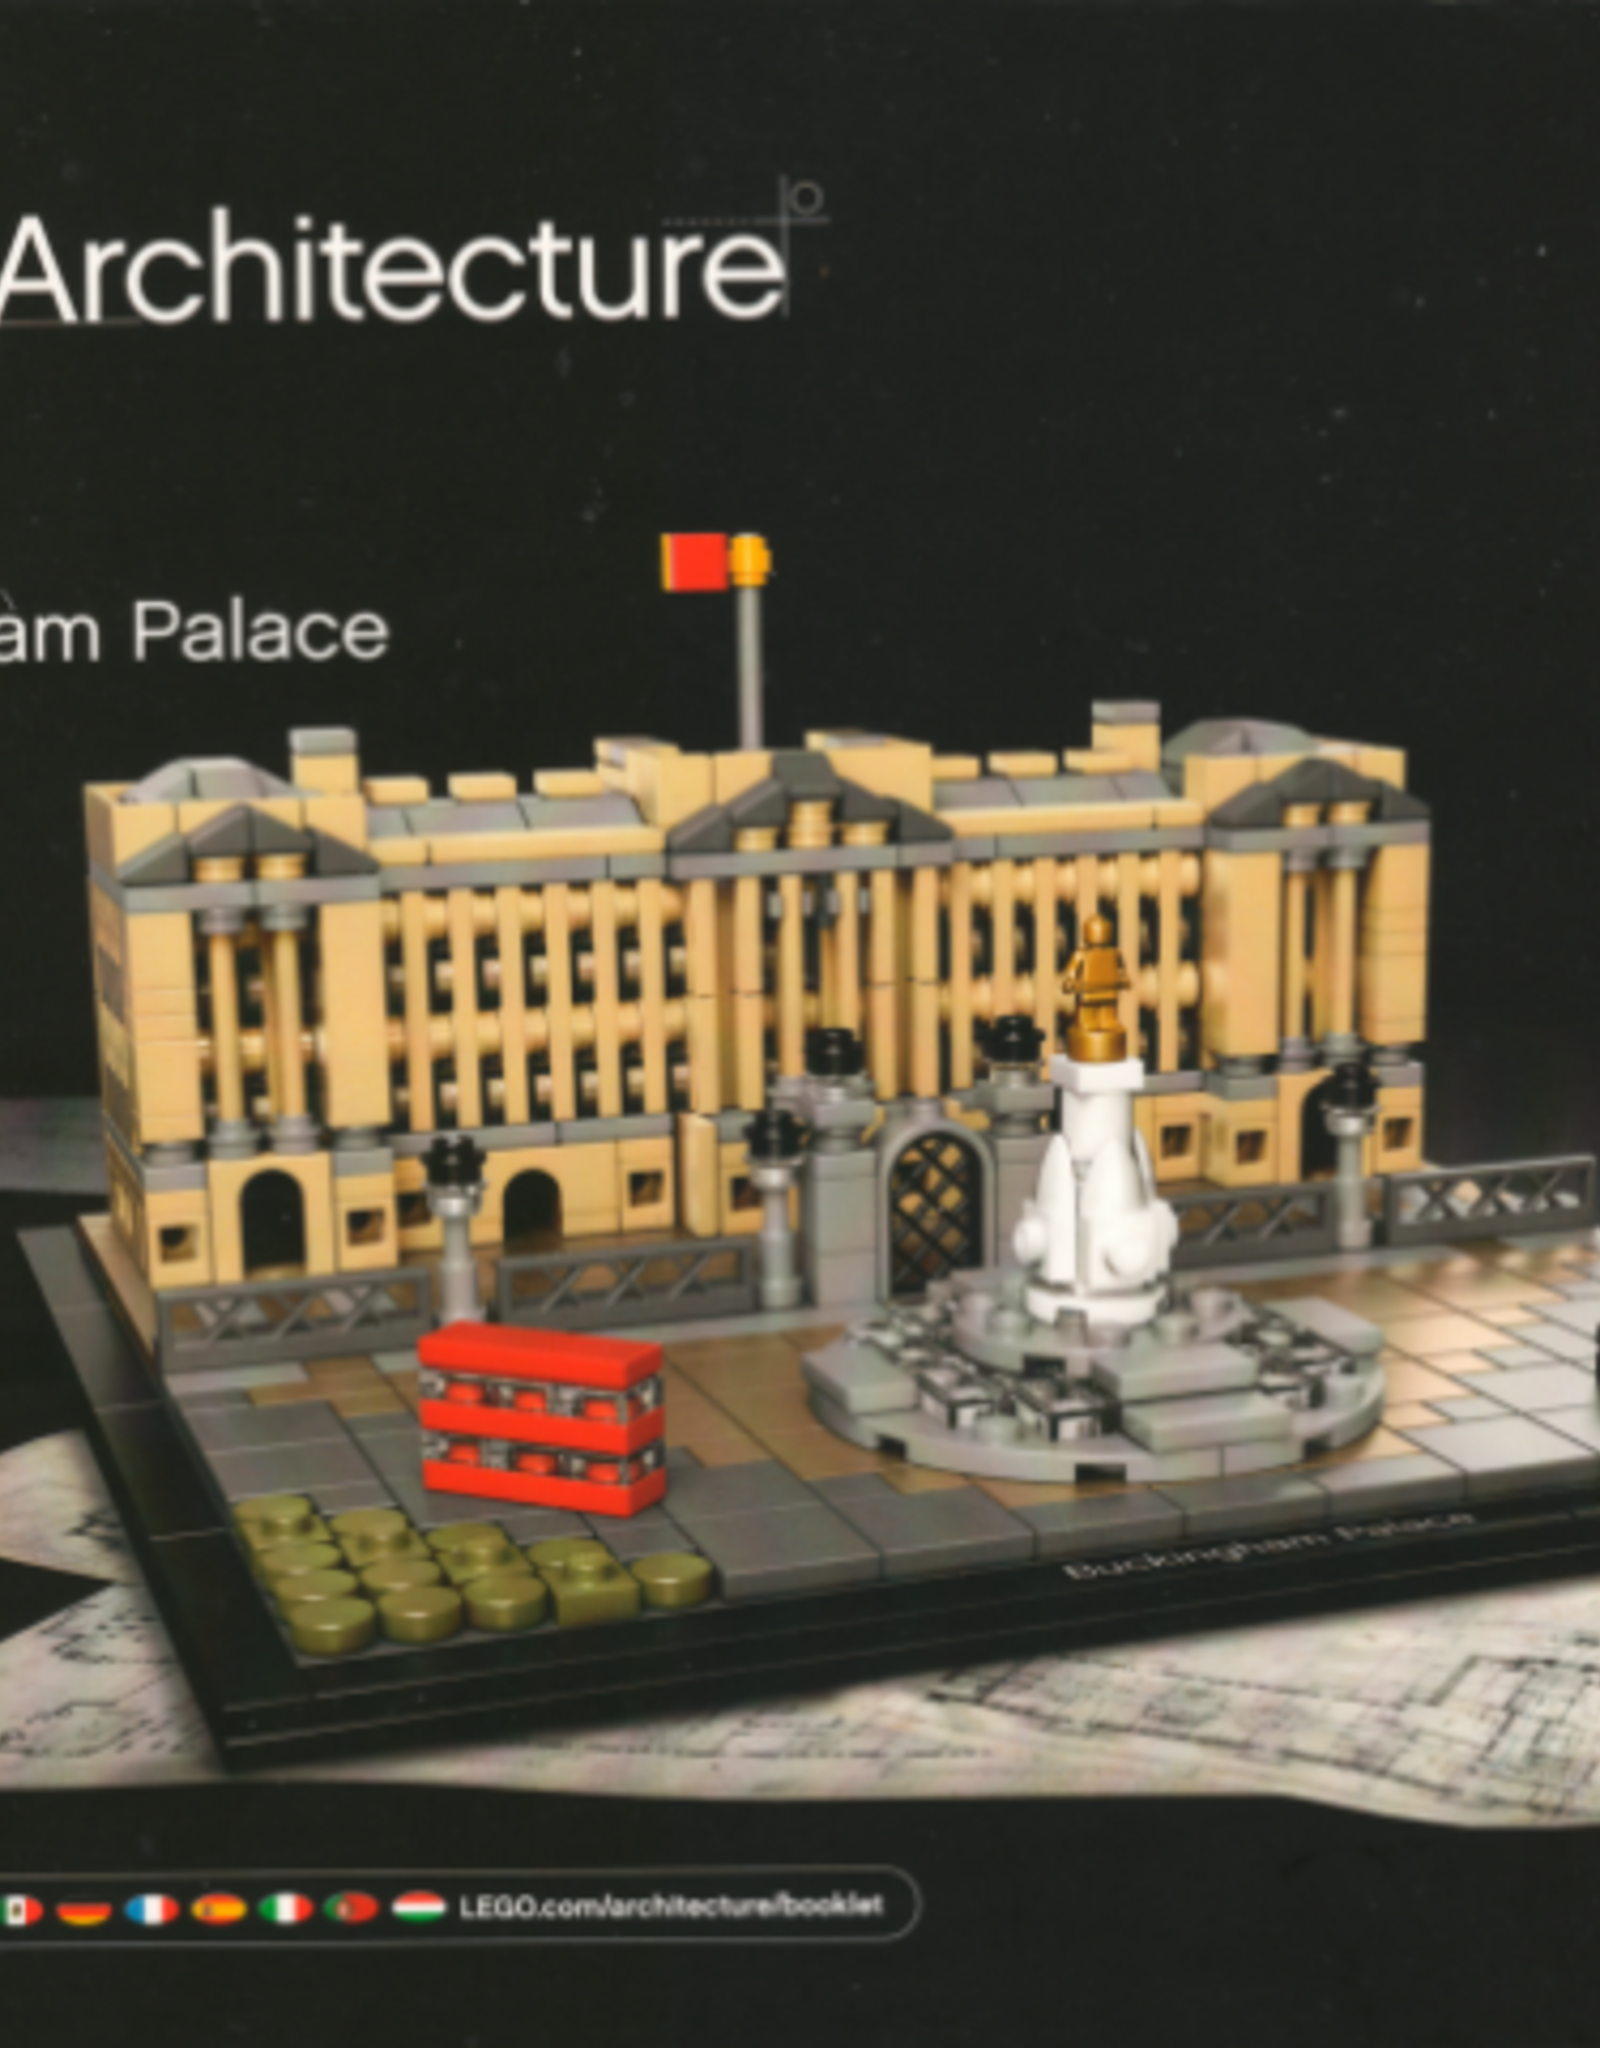 LEGO LEGO 21029 Buckingham Palace - Architecture - SPECIALS